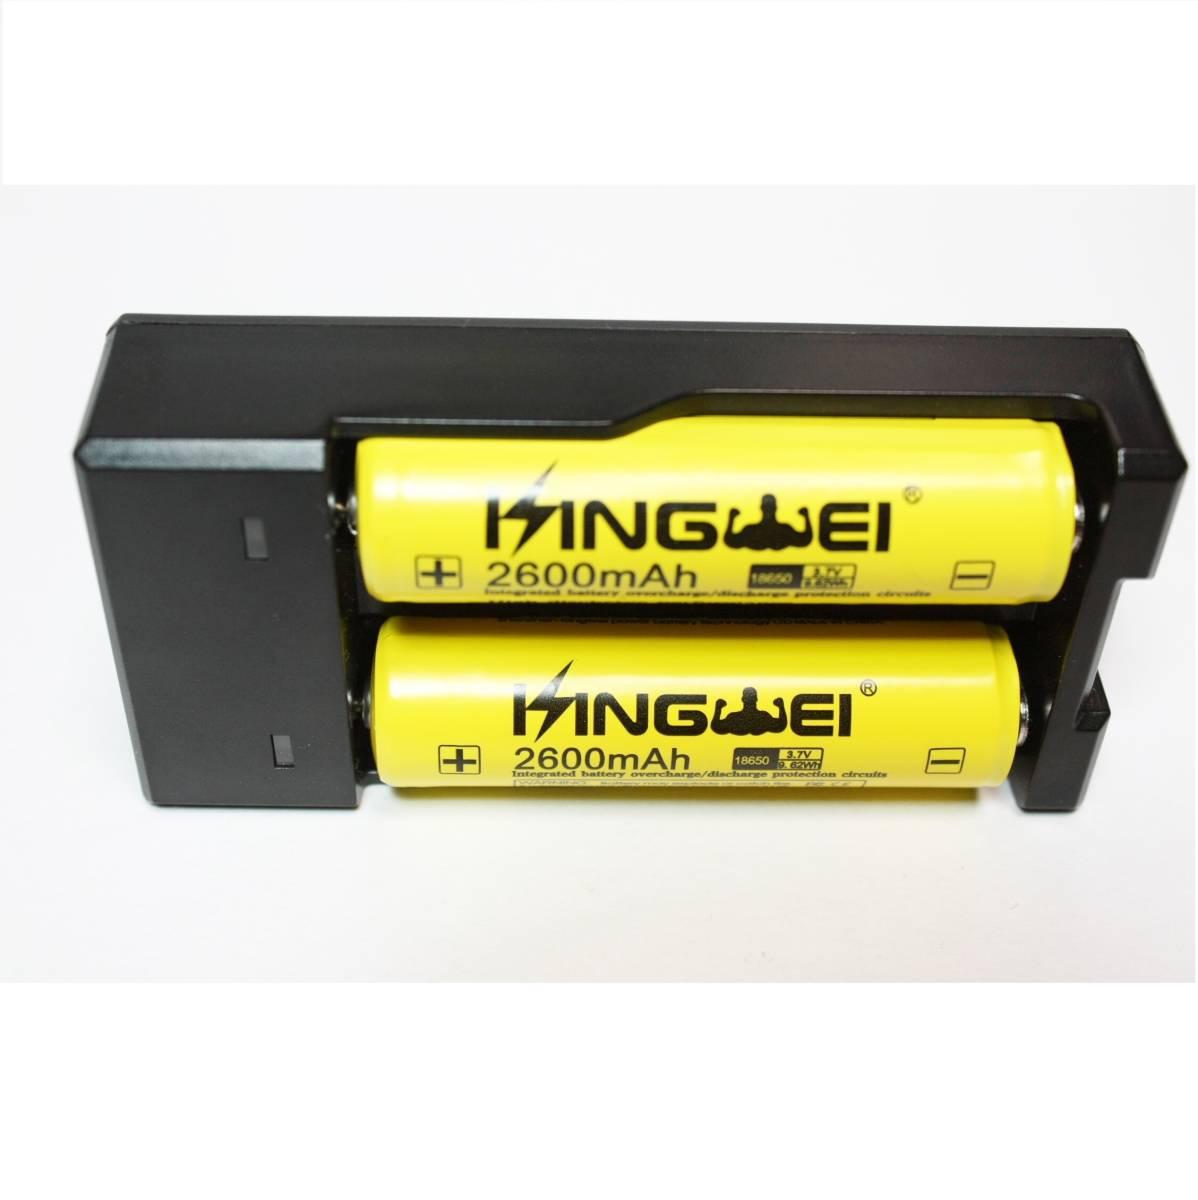 正規容量 18650 経済産業省適合品 リチウムイオン 充電池 2本 + 急速充電器 バッテリー 懐中電灯 ヘッドライト05_画像2